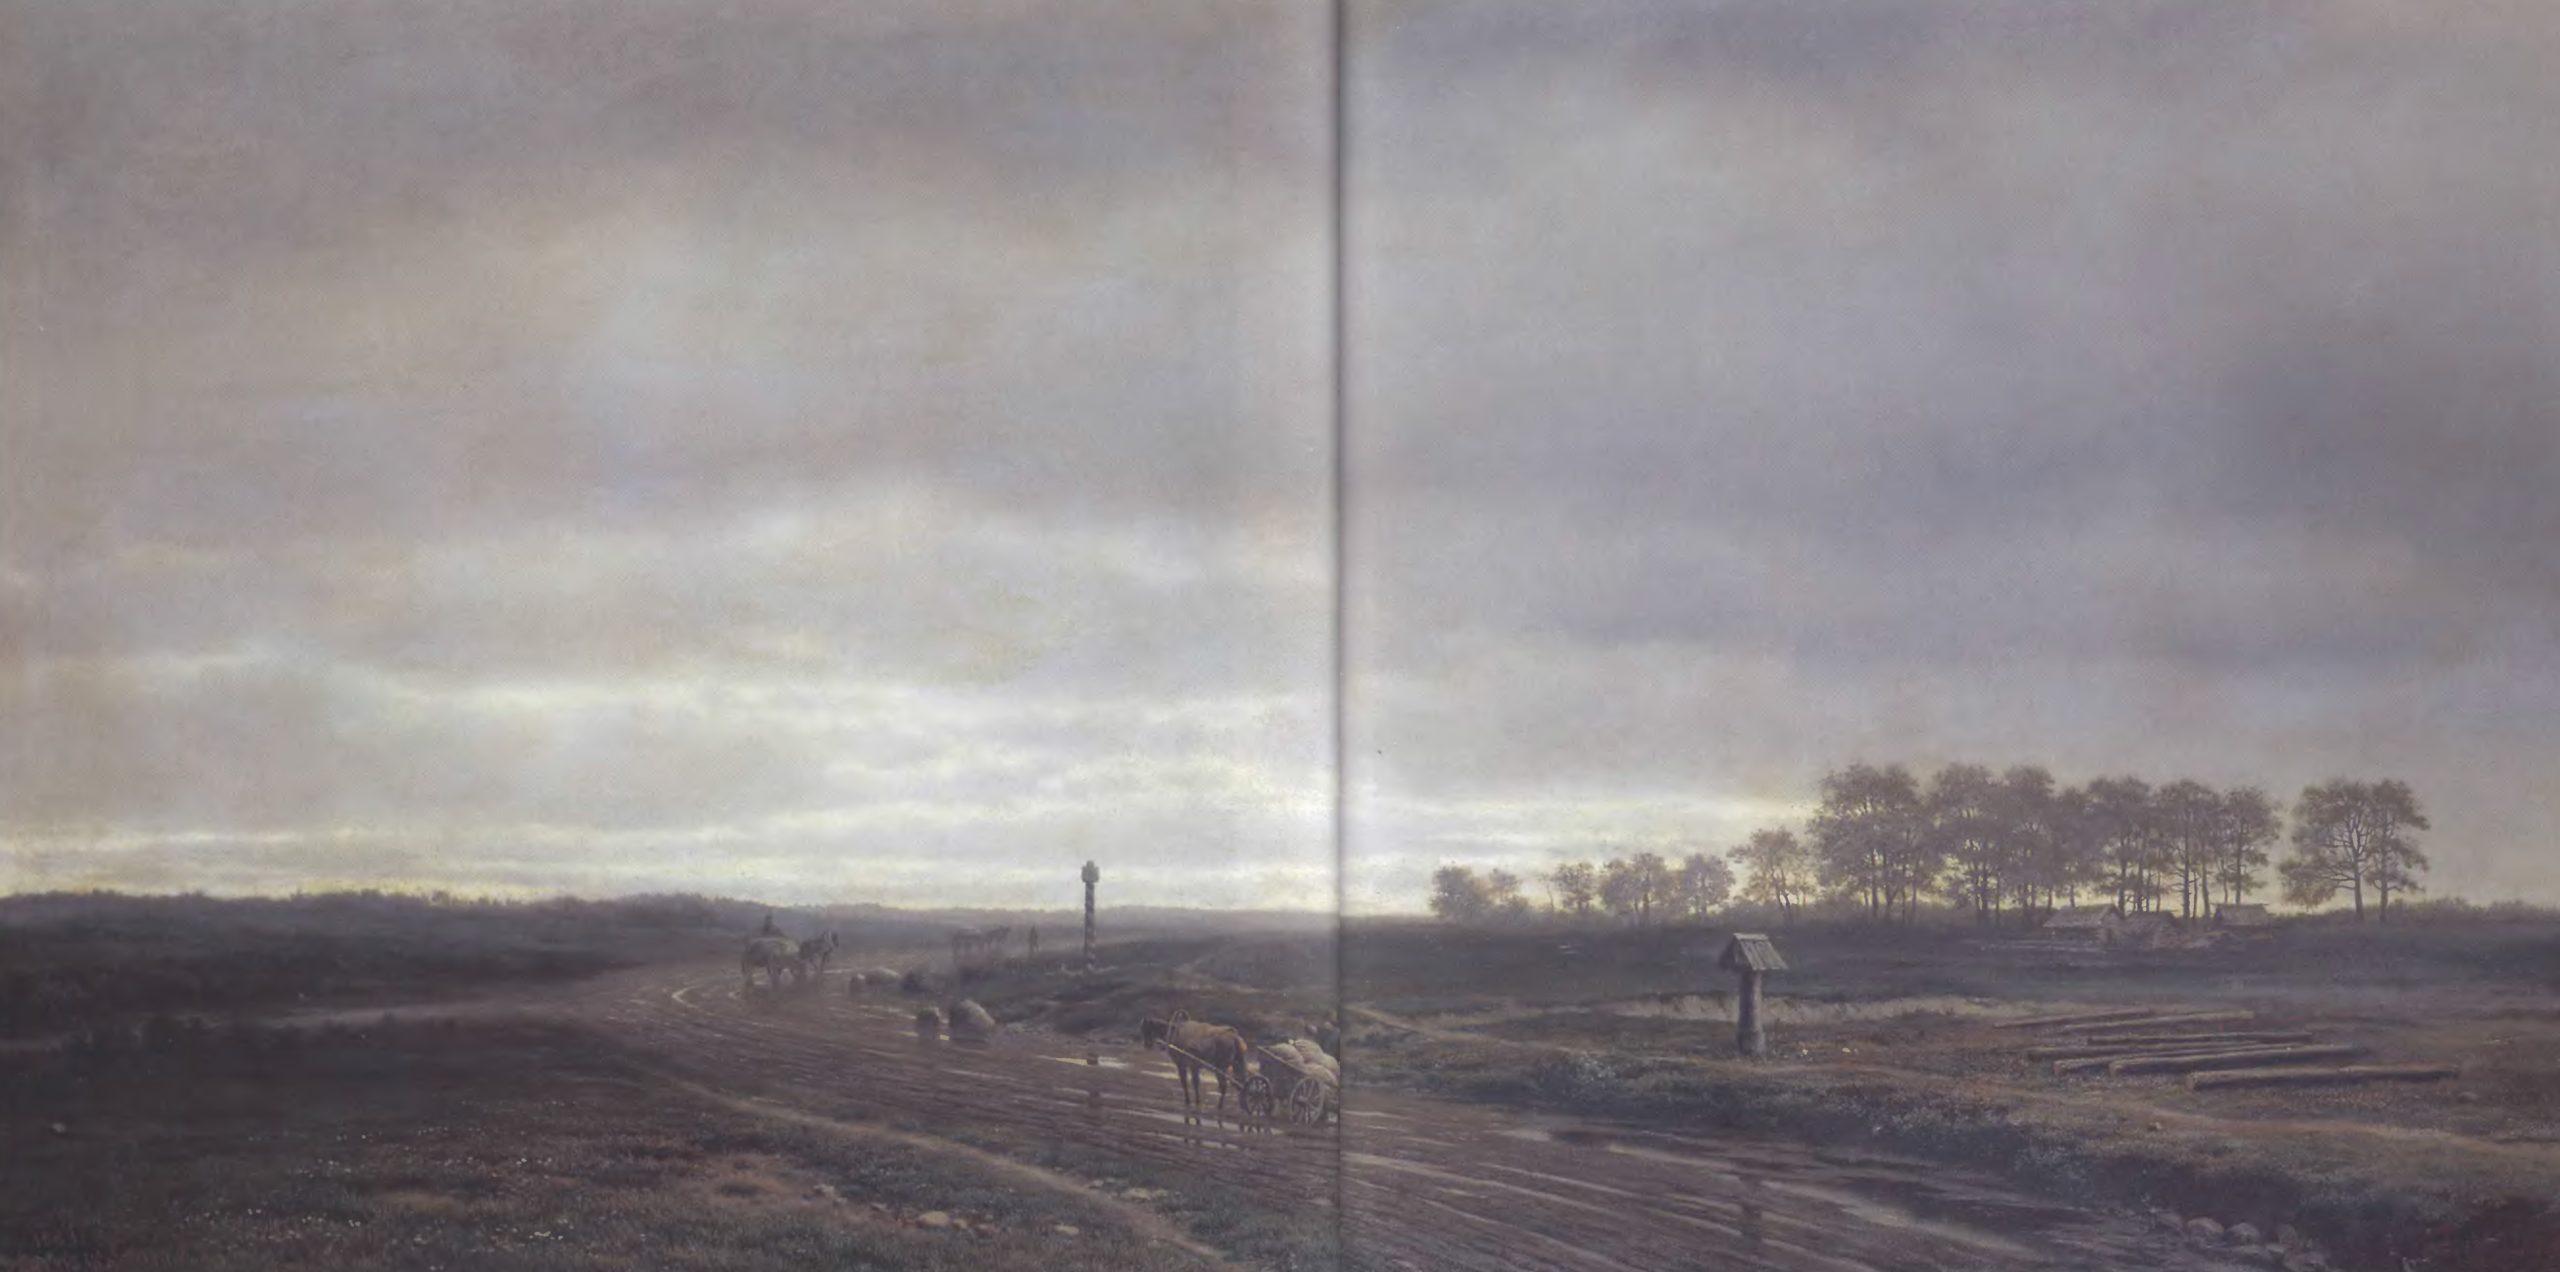 МИХАИЛ КЛОДТ. Большая дорога осенью. 1863. 79 х 157 см. Государственная Третьяковская галерея